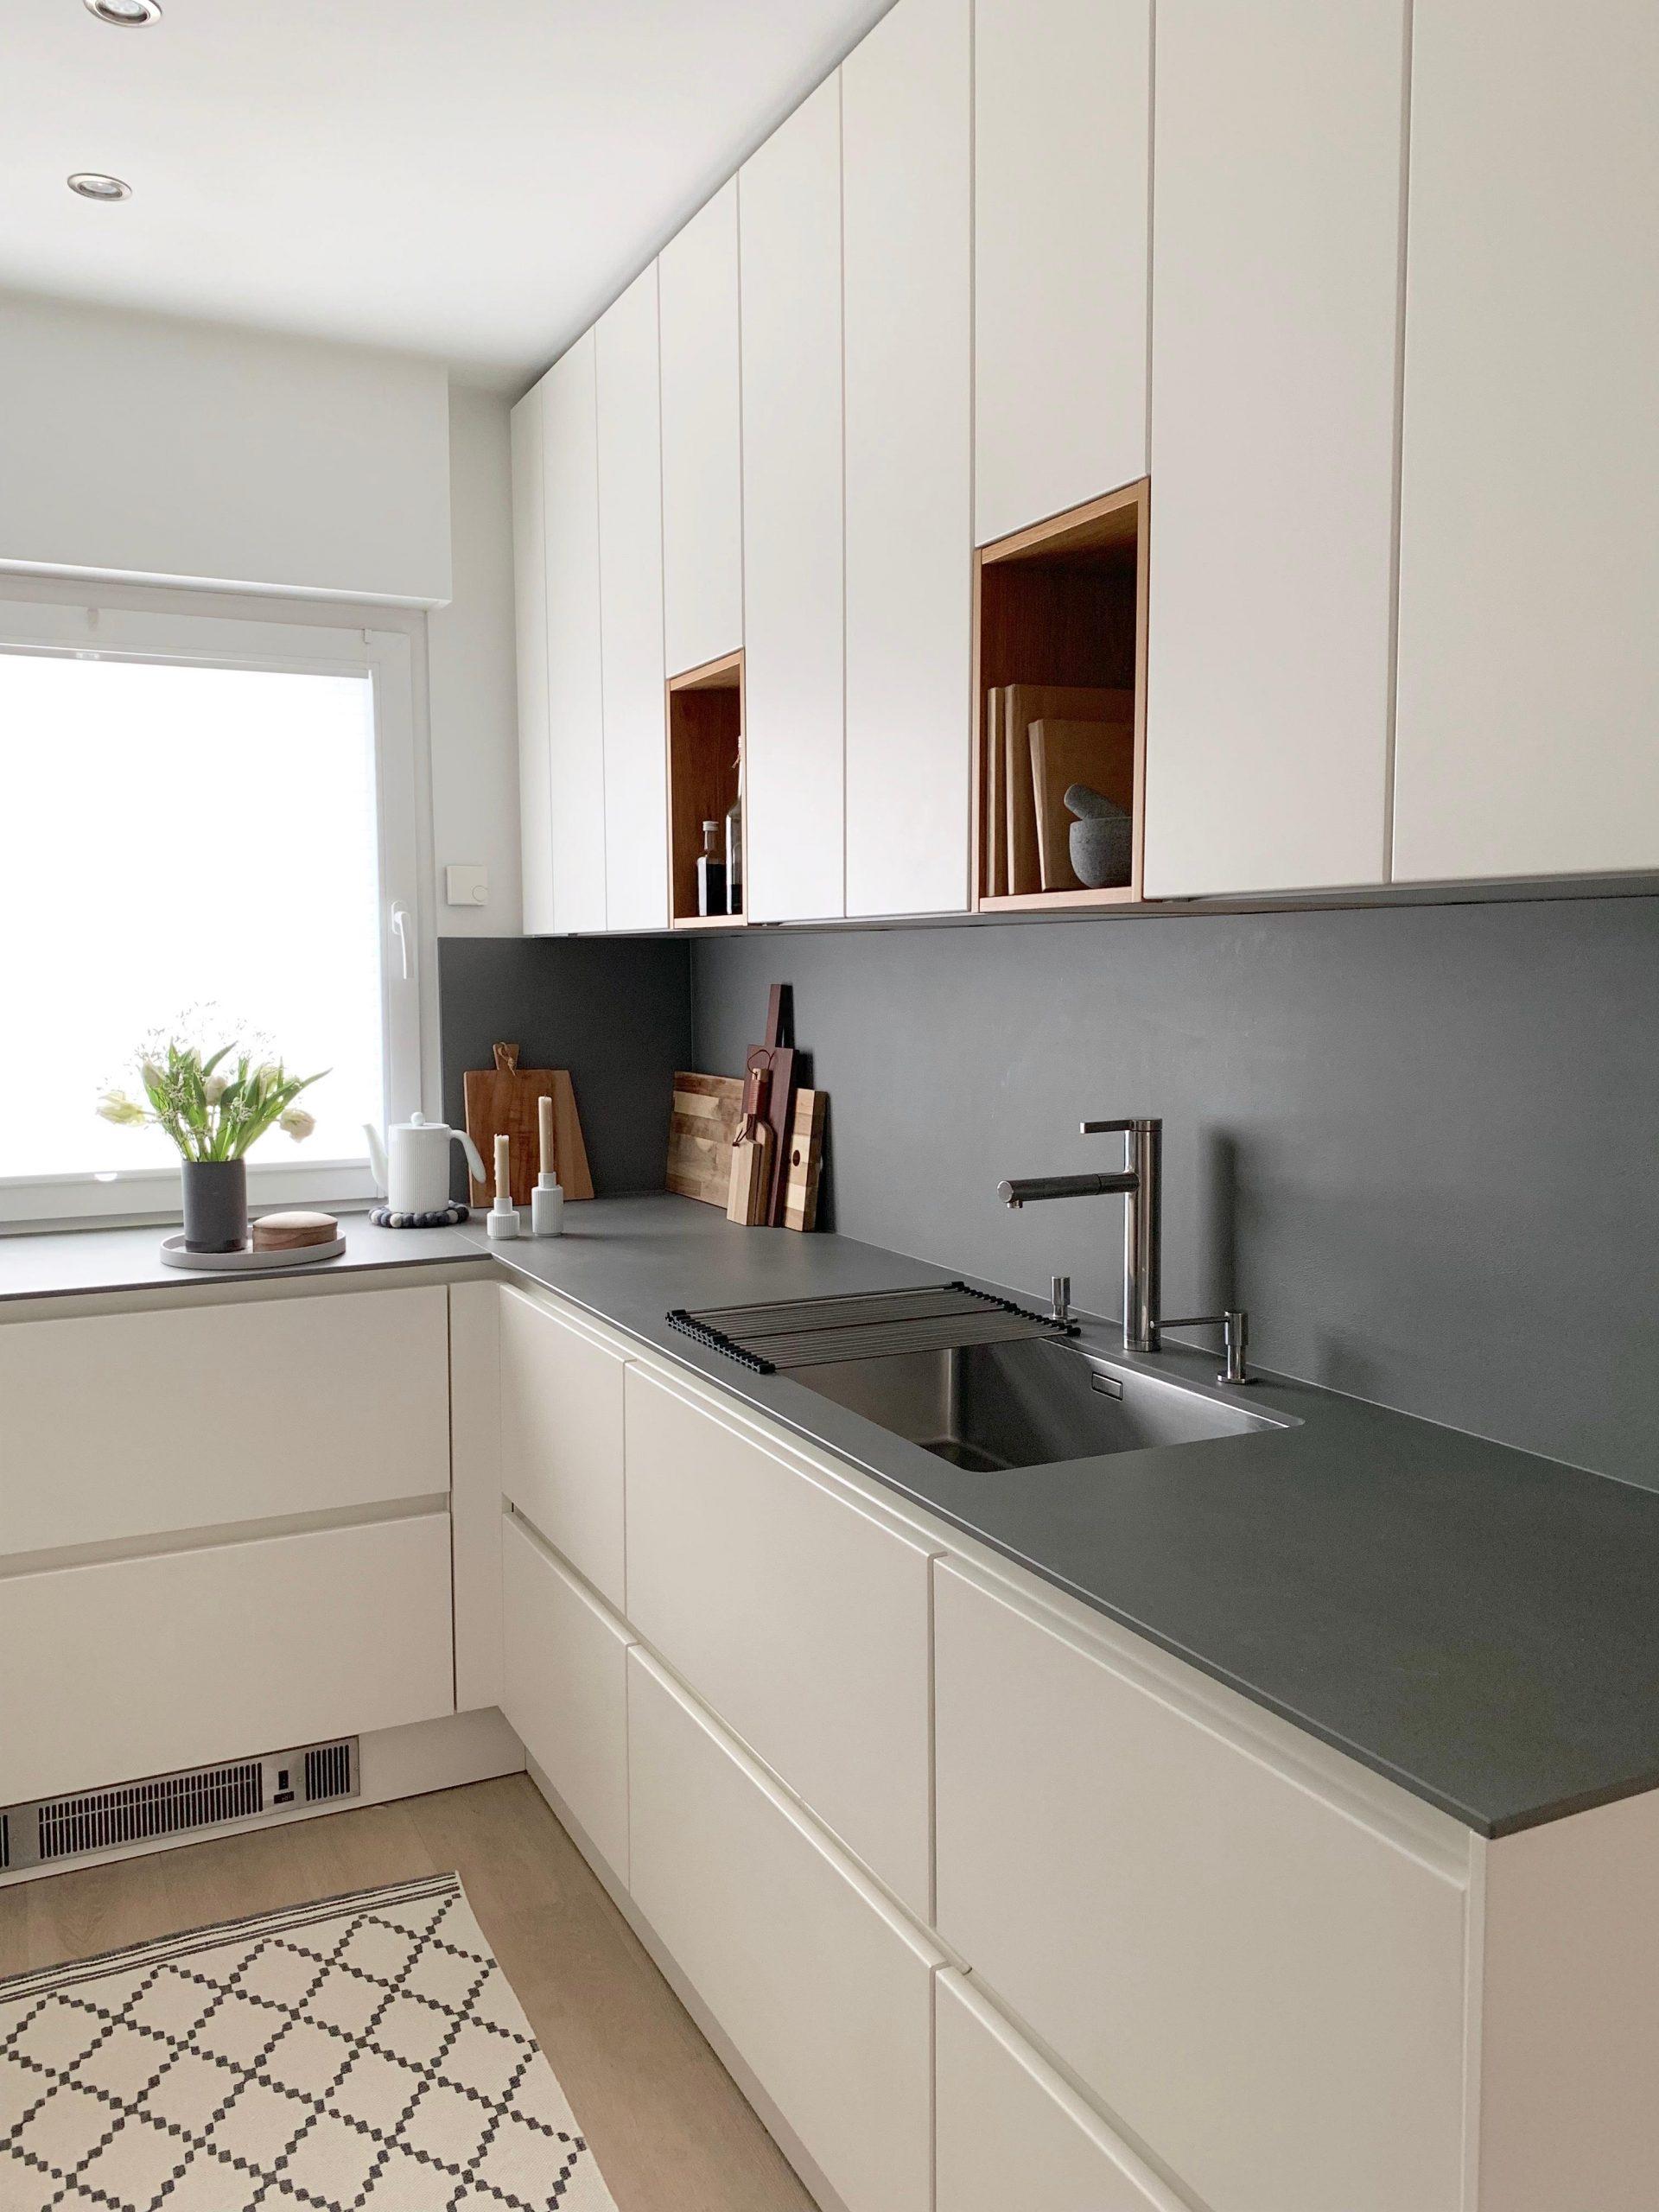 Full Size of Minecraft Küche Einrichten Küche Einrichten Dachschräge Koschere Küche Einrichten Küche Einrichten Bilder Küche Küche Einrichten